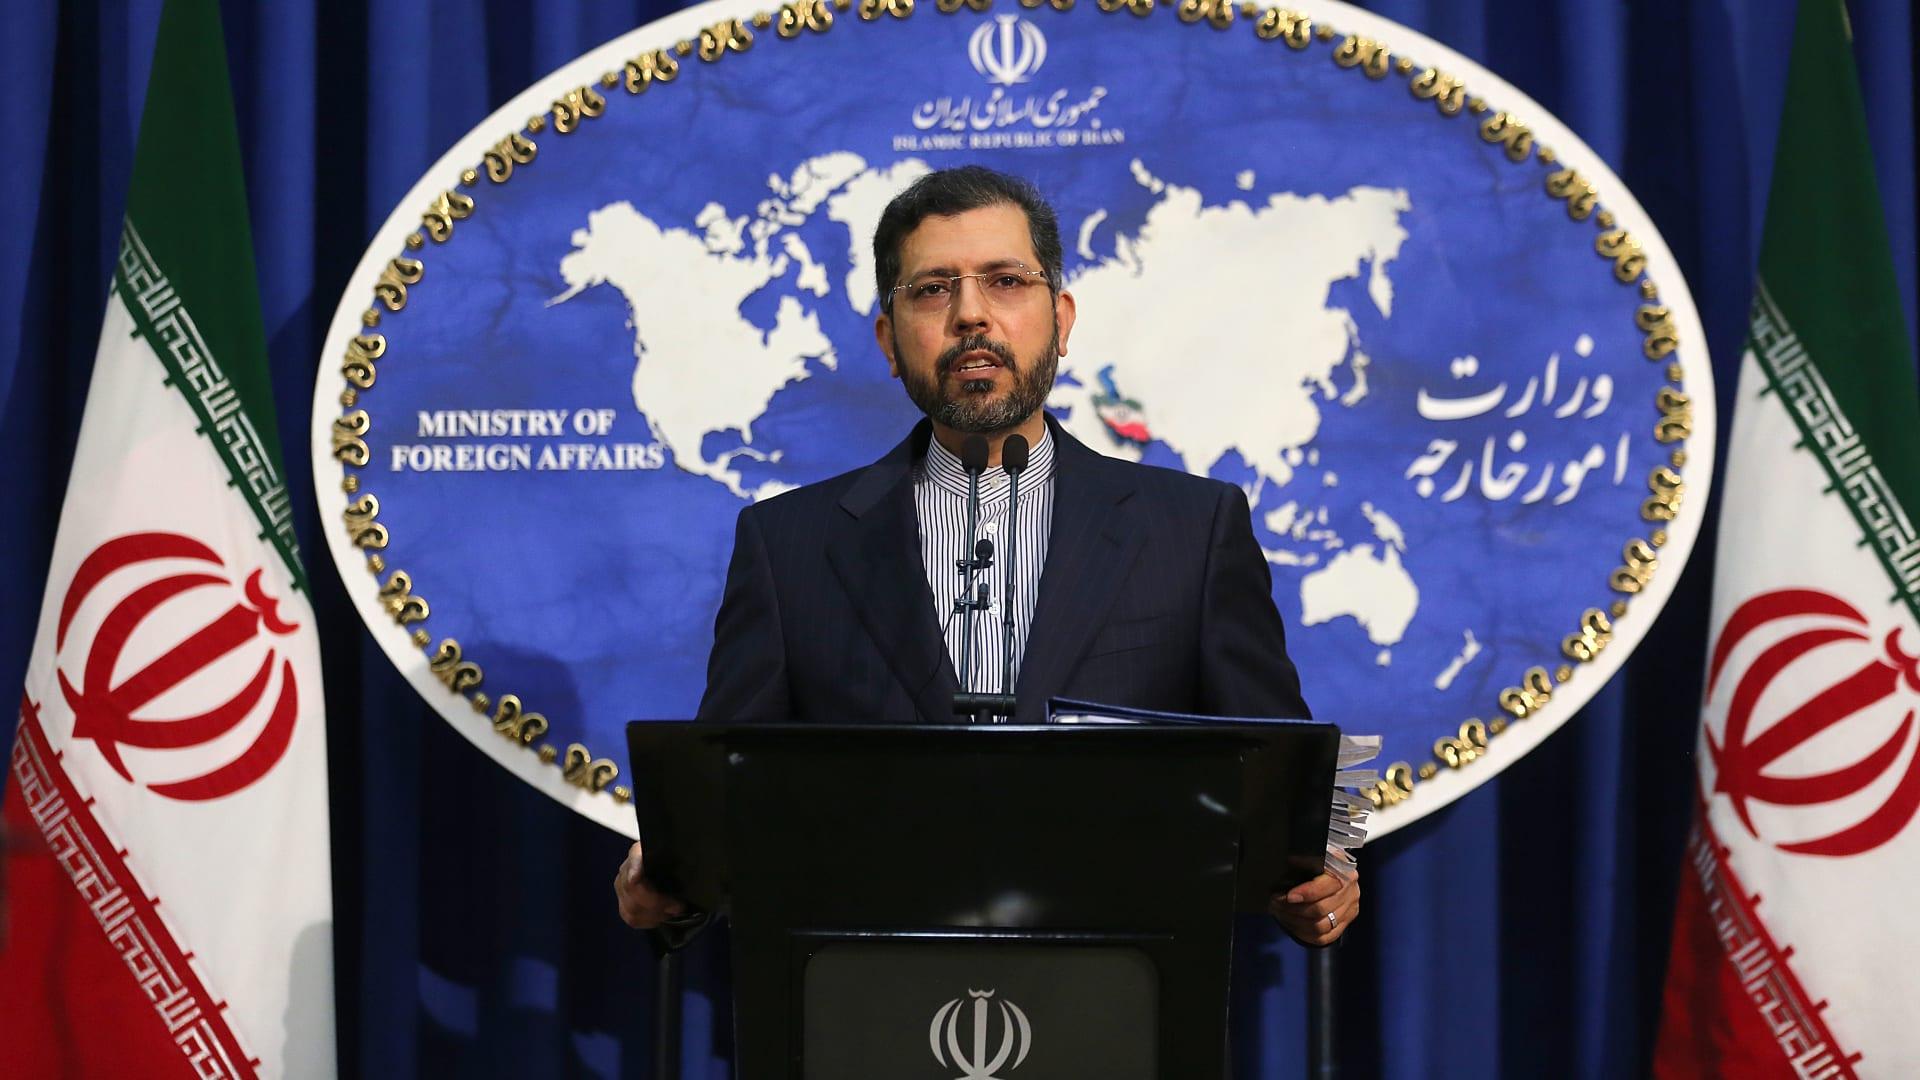 المتحدث باسم وزارة الخارجية الإيرانية